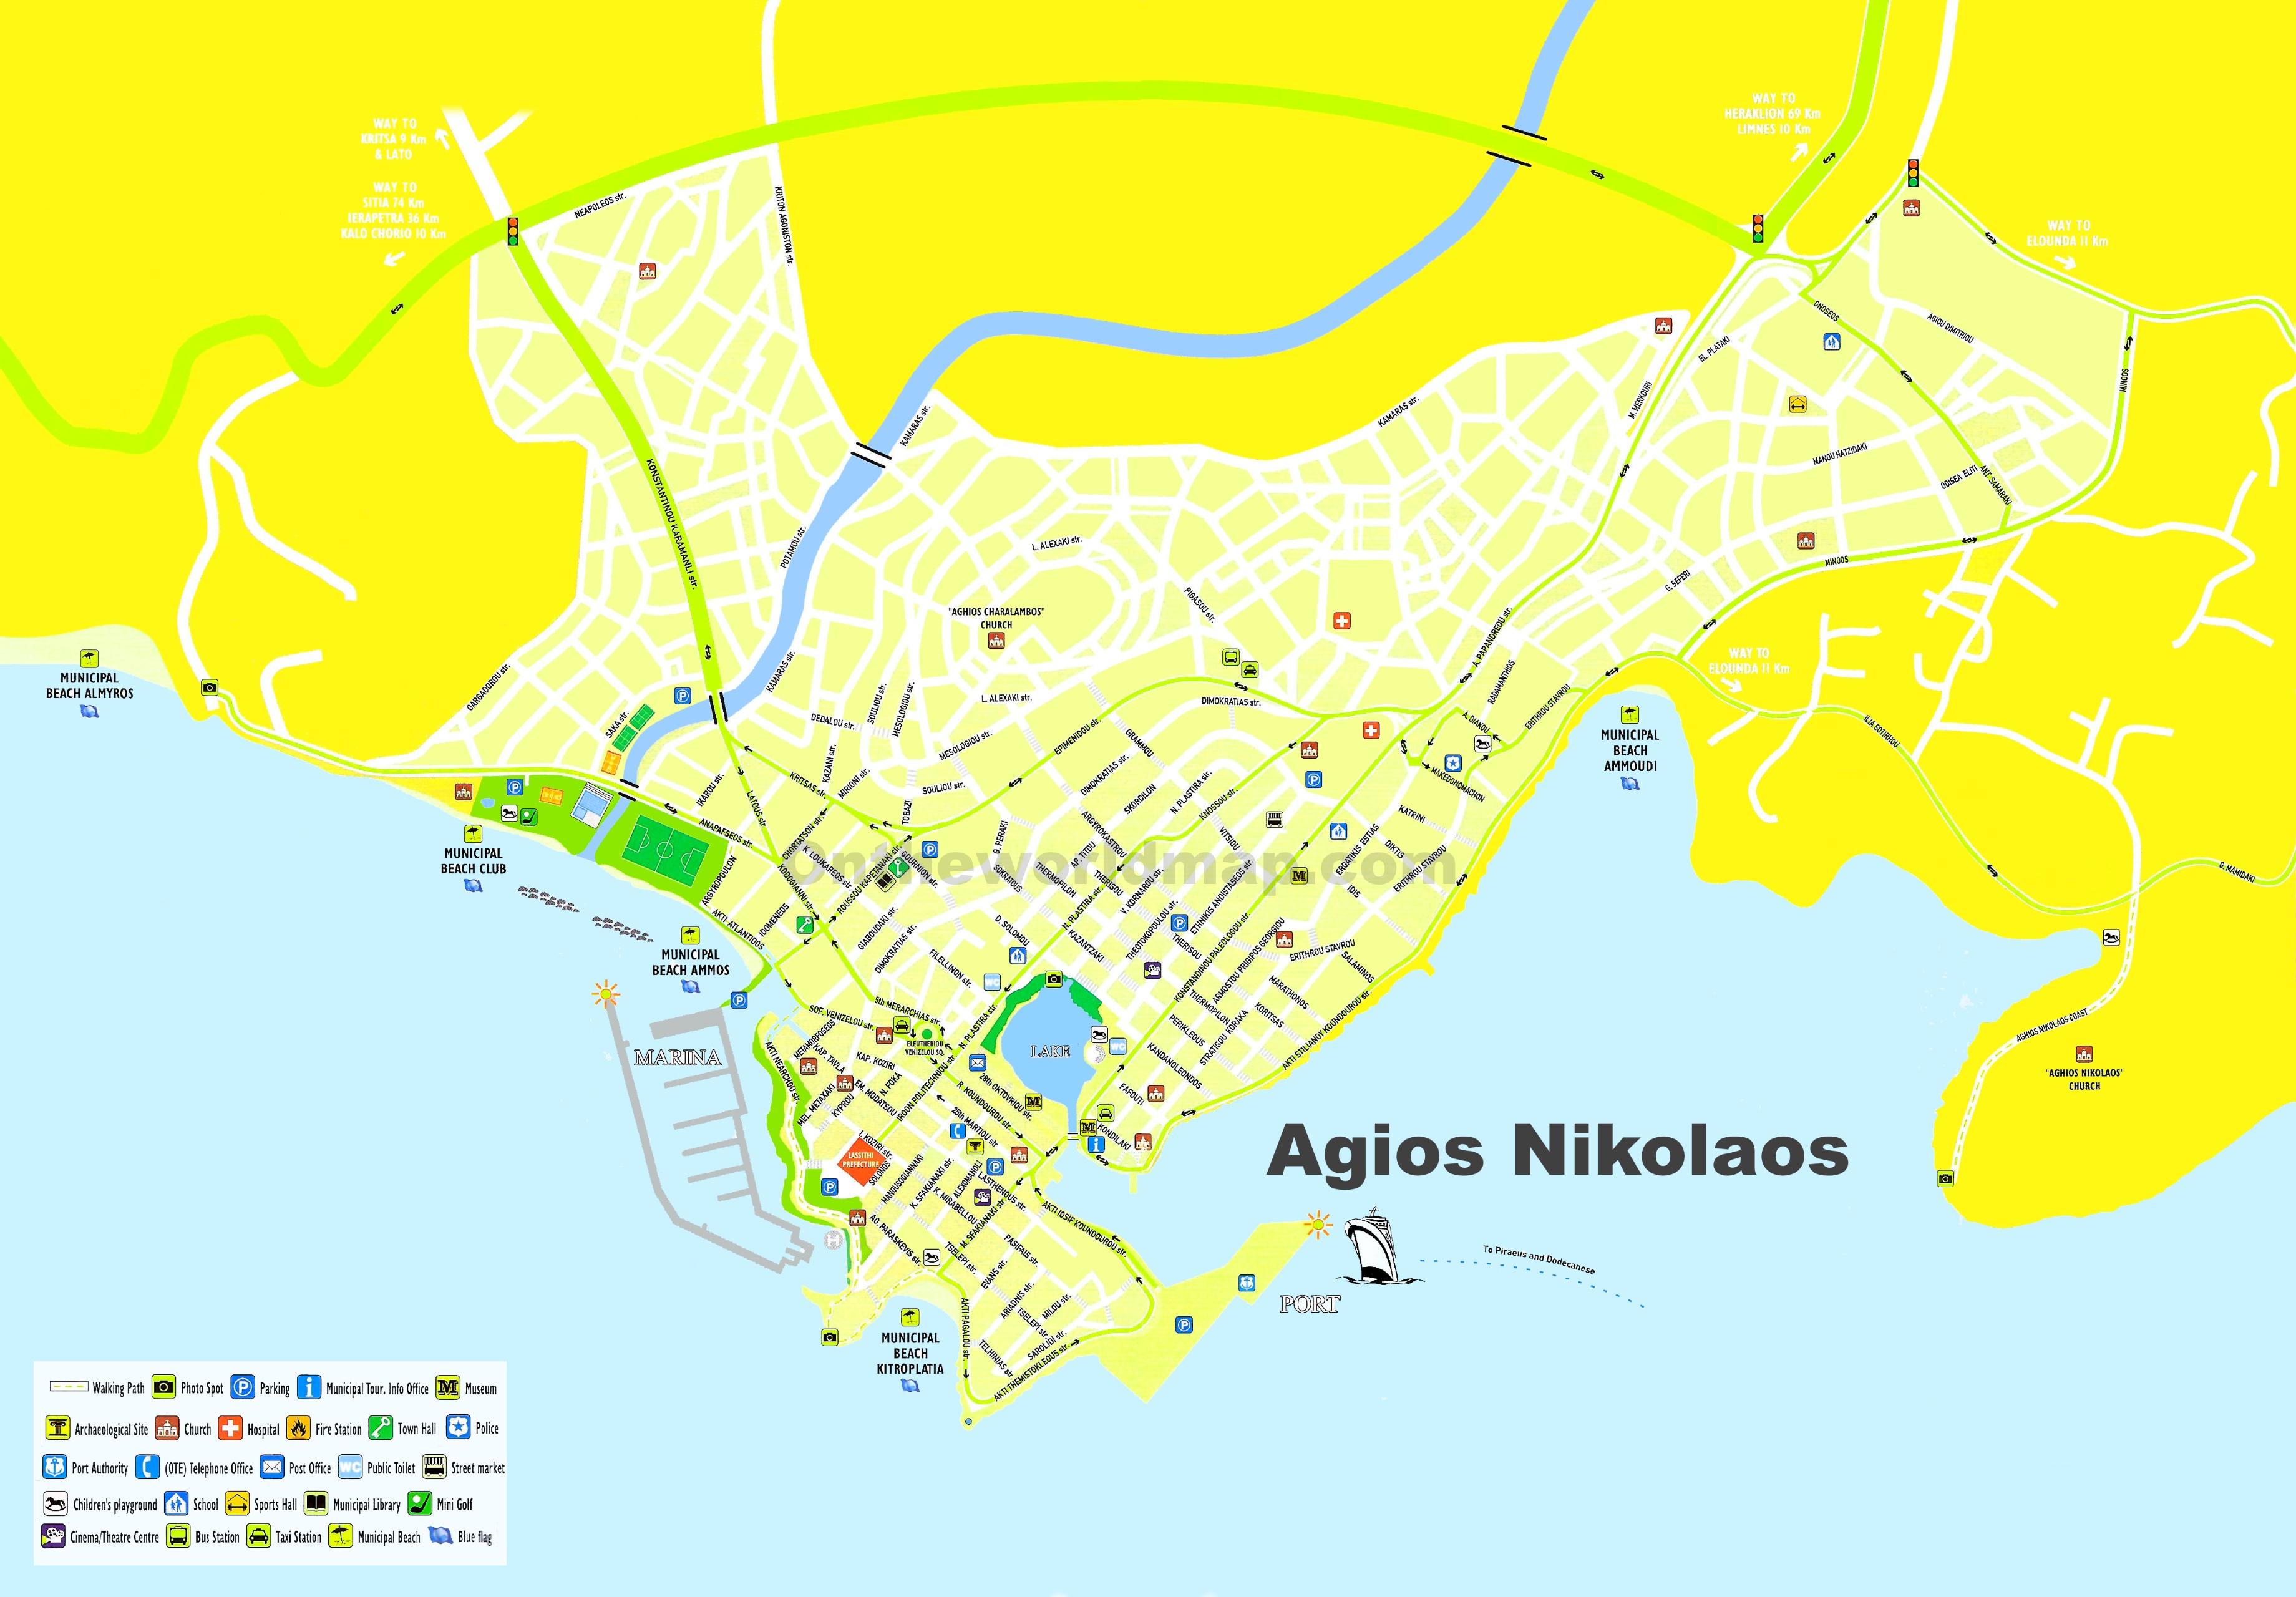 Agios Nikolaos Maps Crete Greece Maps of Agios Nikolaos